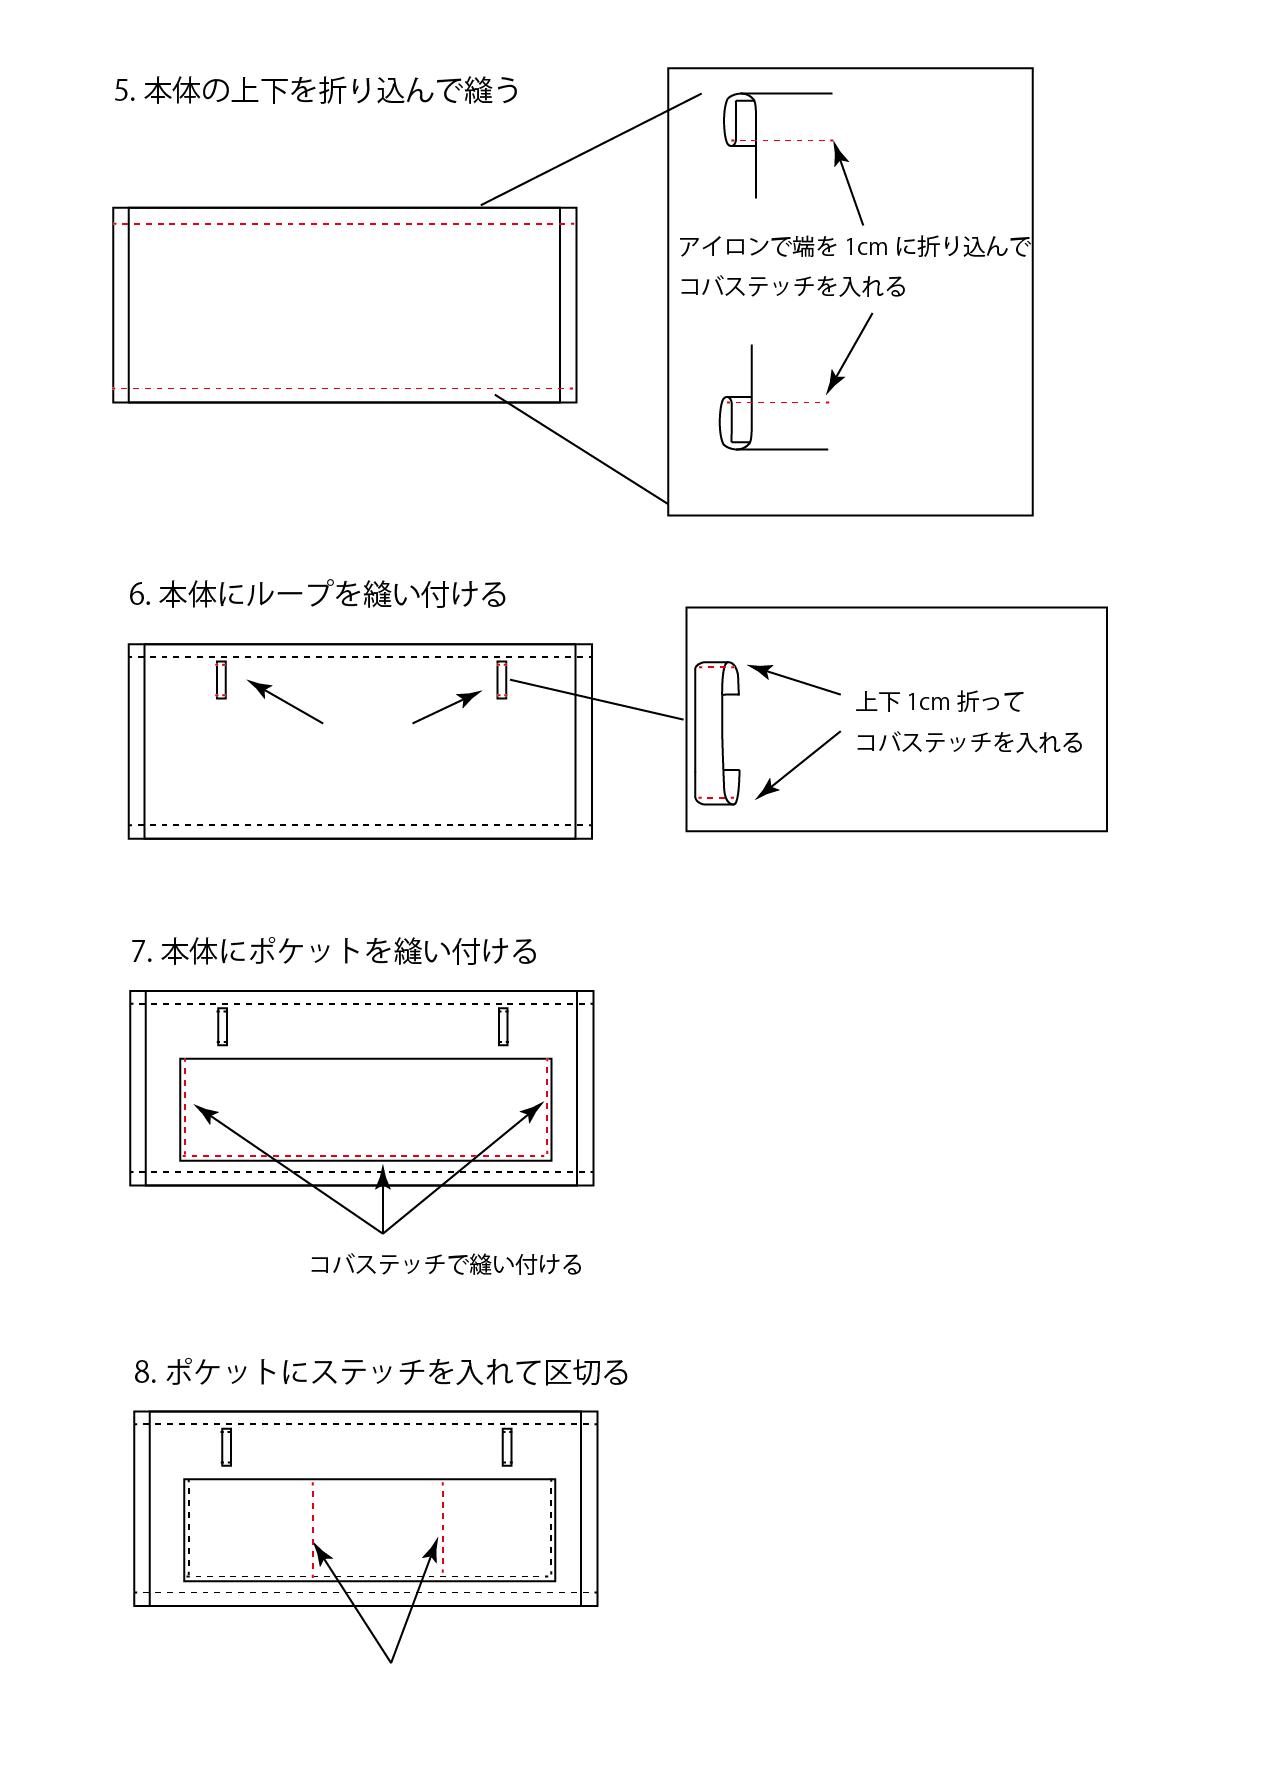 カフェエプロンの作り方02